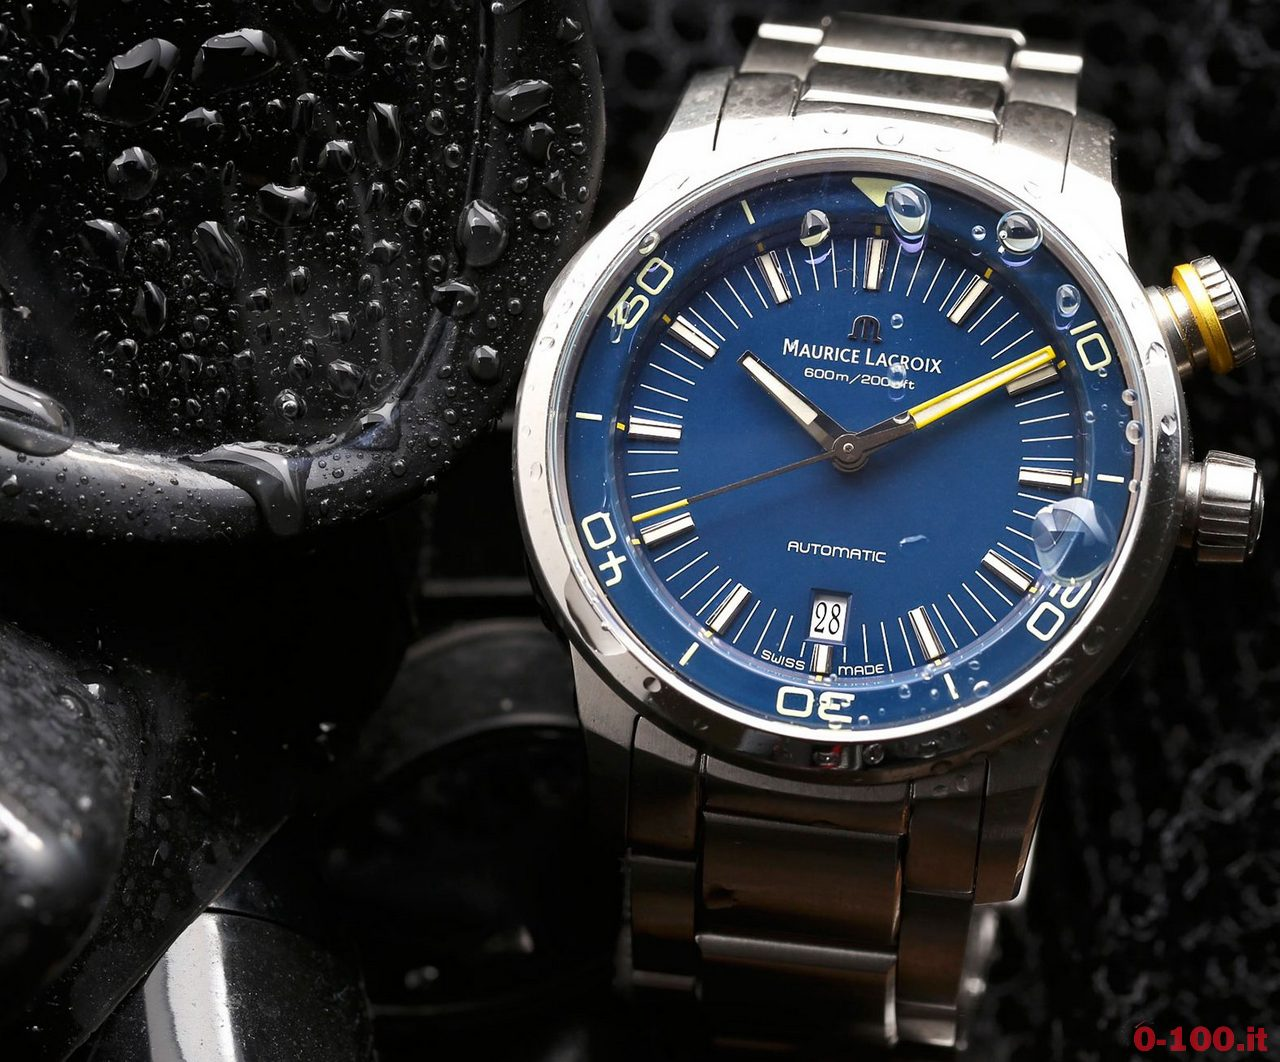 maurice-lacroix-pontos-s-diver-blue-devil-limited-edition-prezzo-price_0-1003